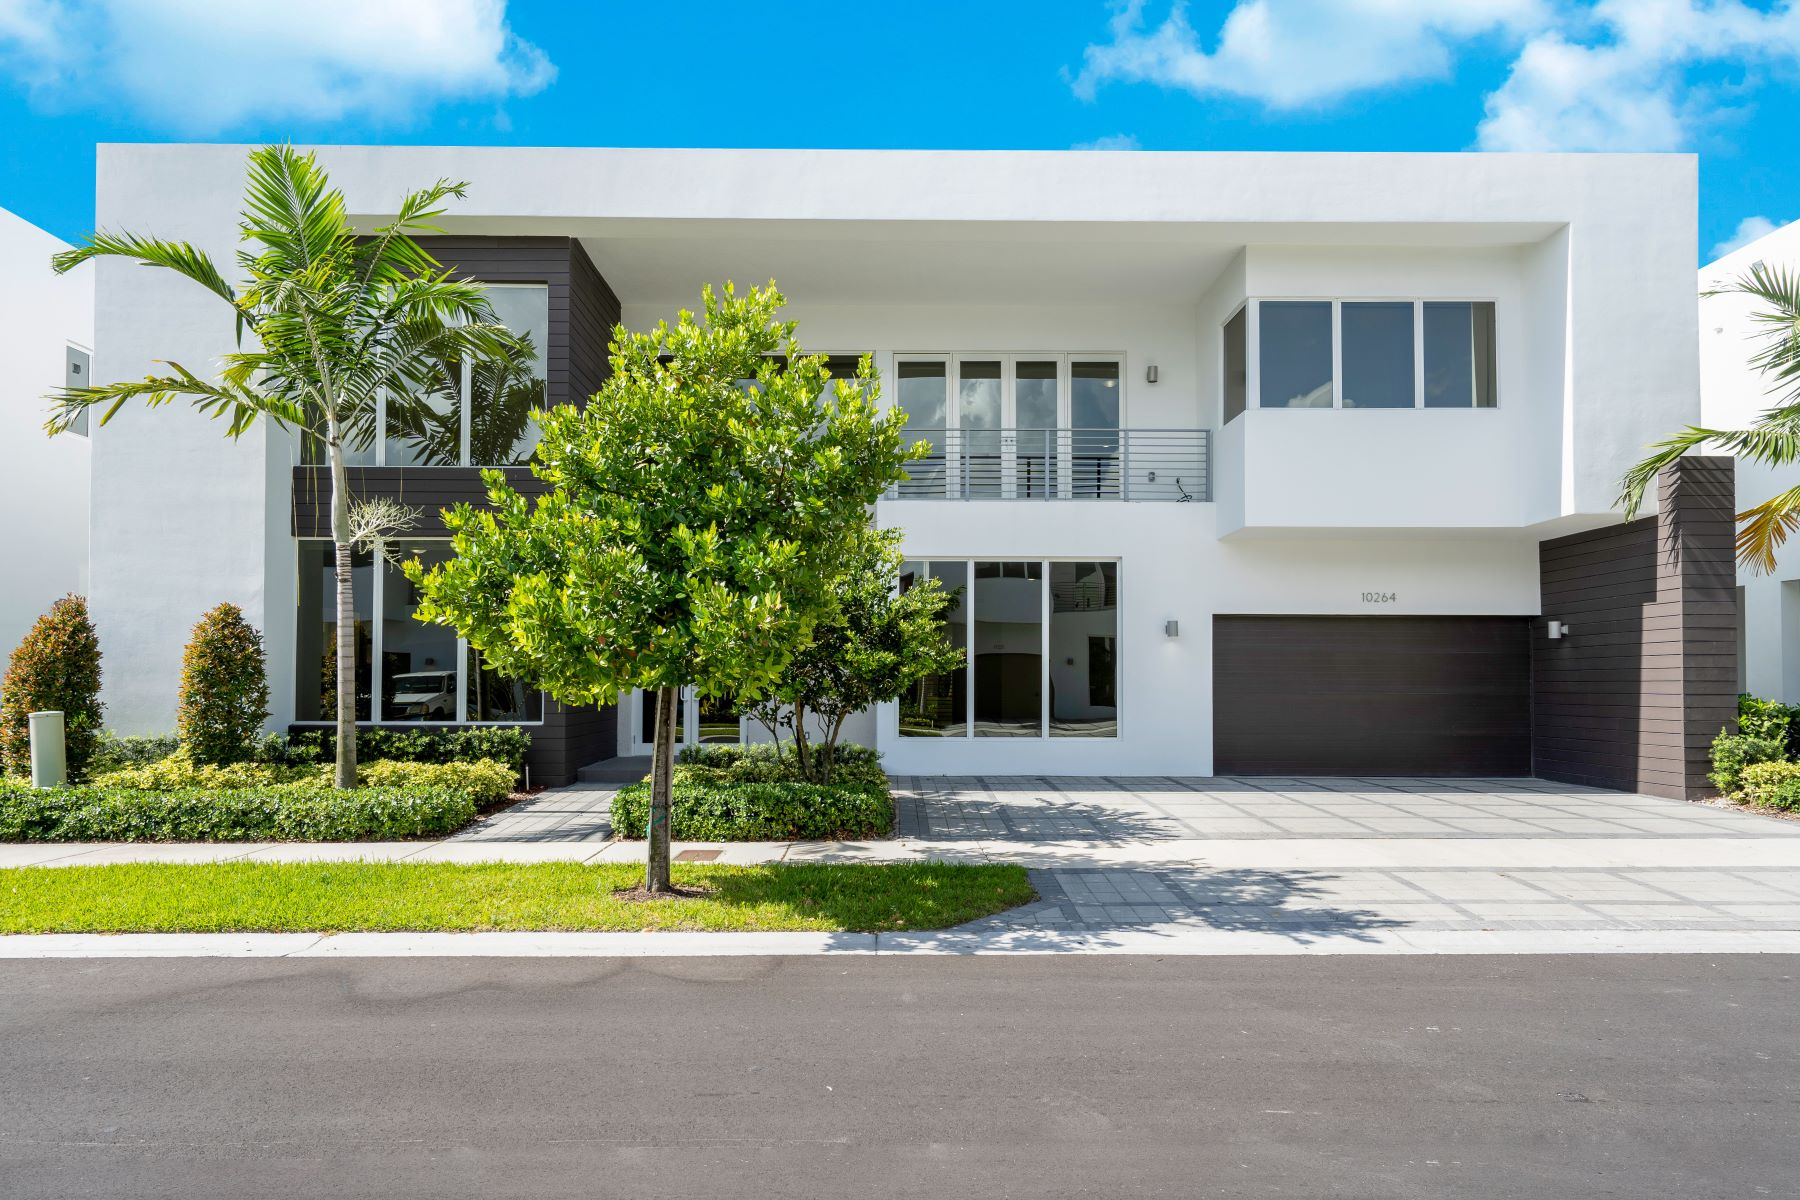 Single Family Homes için Satış at Doral, Florida 33178 Amerika Birleşik Devletleri